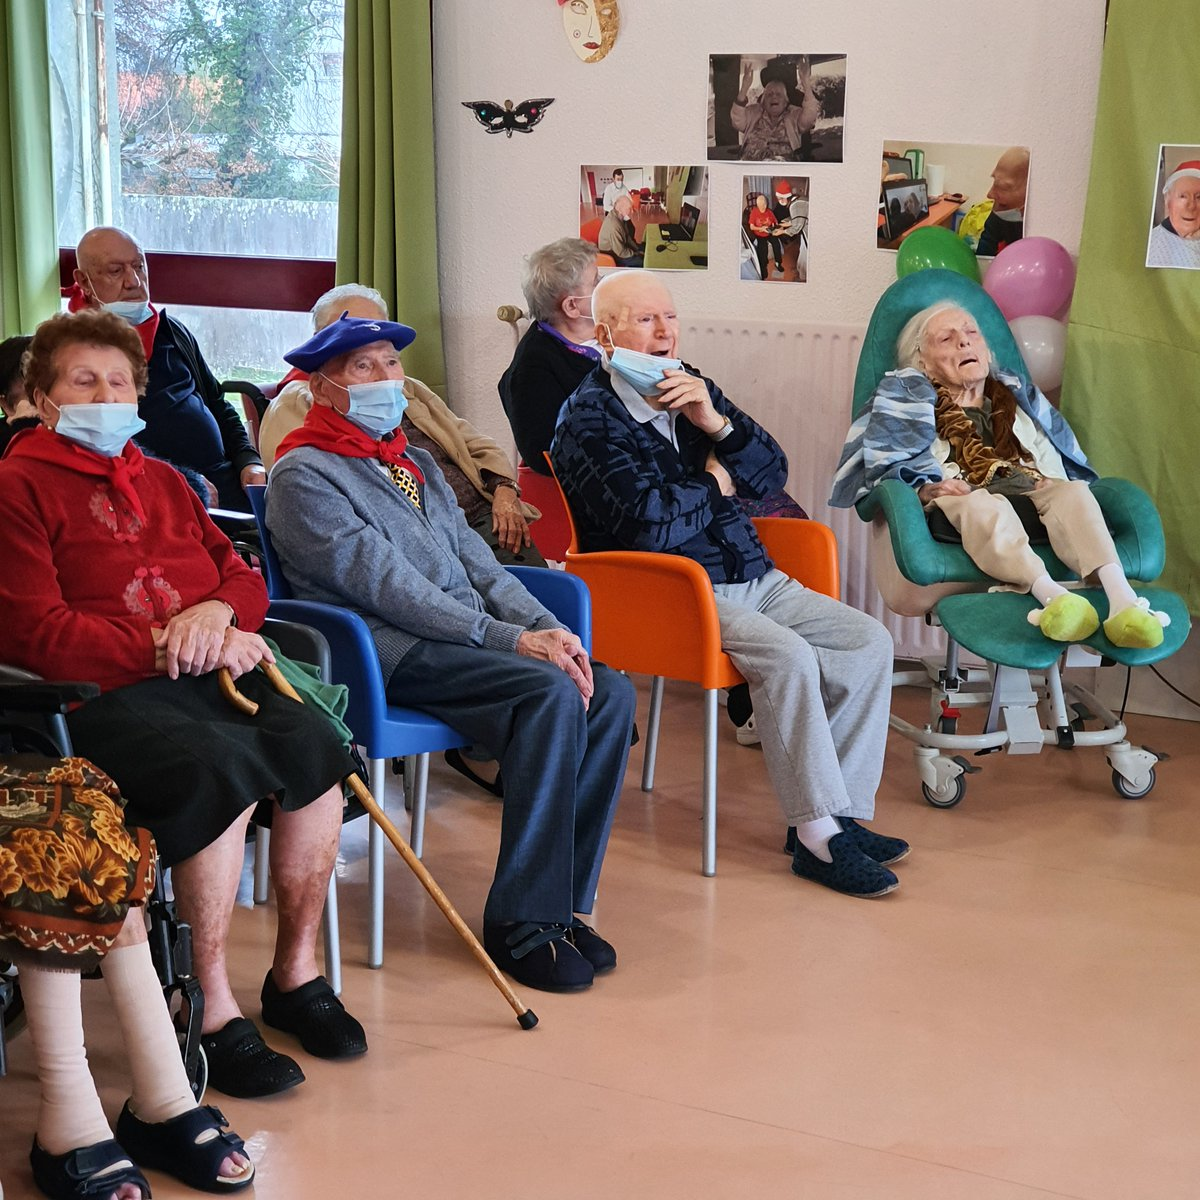 L'occasion également de souhaiter un bel anniversaire à nos trois centenaires lormontais de l'Ehpad du @CHUBordeaux : Albert, Christiane, 107 ans et Henry, 100 ans ! #centenaires #gironde #anniversaire #Lormont #EHPAD https://t.co/ArmqB6sTGB